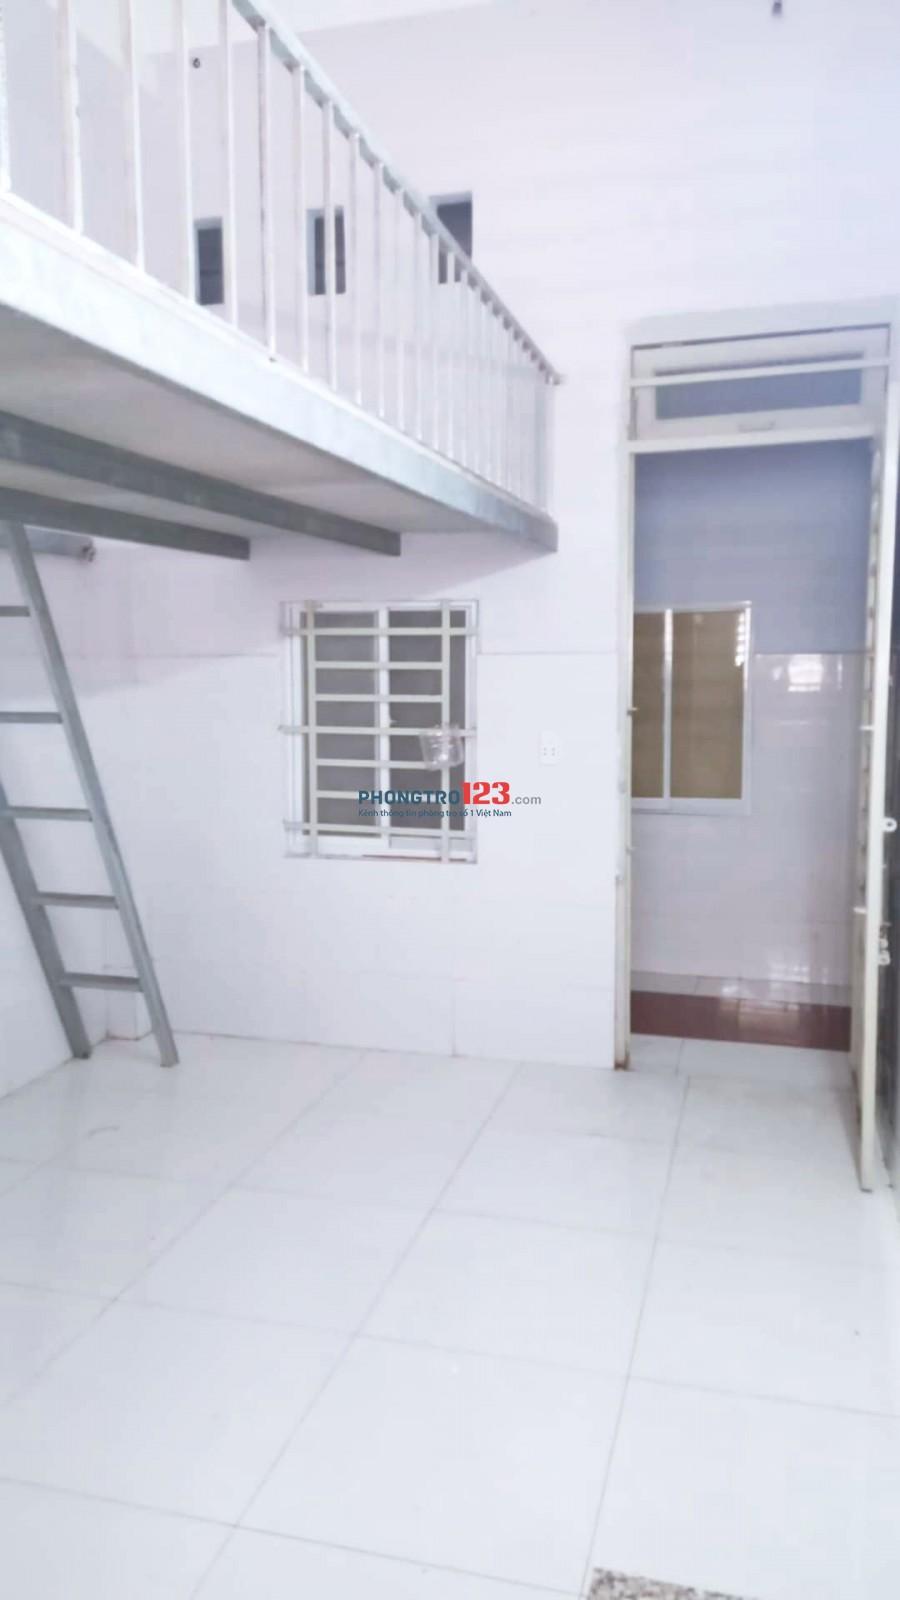 Phòng trống giá SIÊU RẺ gần khu trung tâm gần khu chợ Phạm Văn Hai, giá 3tr5